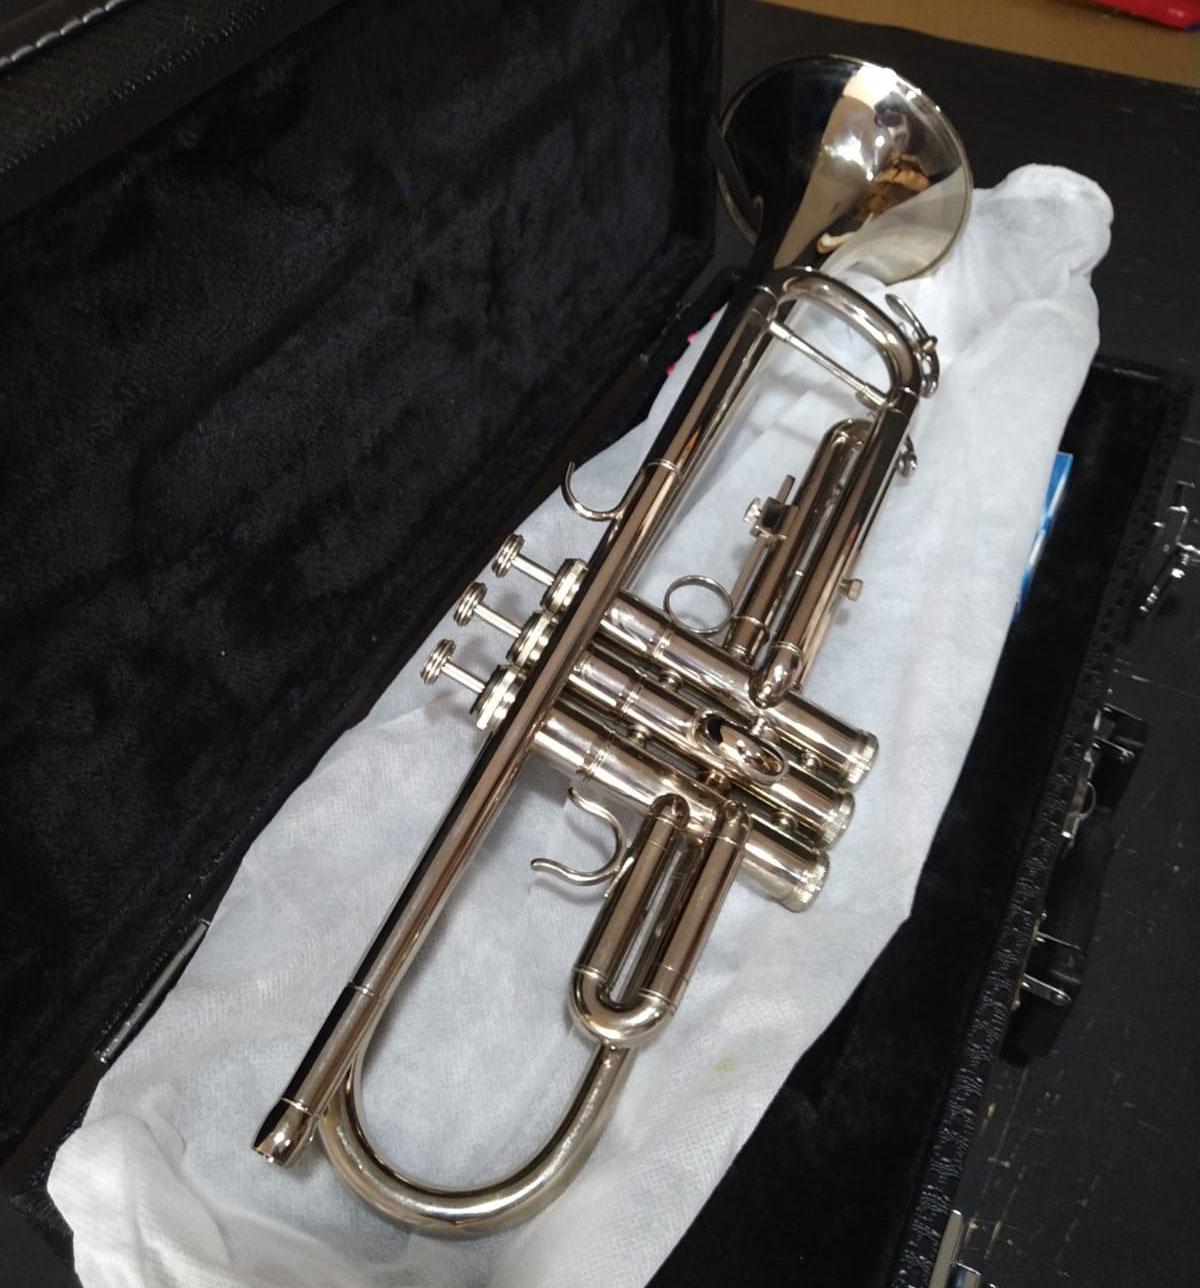 Trompete Schieffer Sib Niquelado com Case SCHTP003  - MegaLojaSP